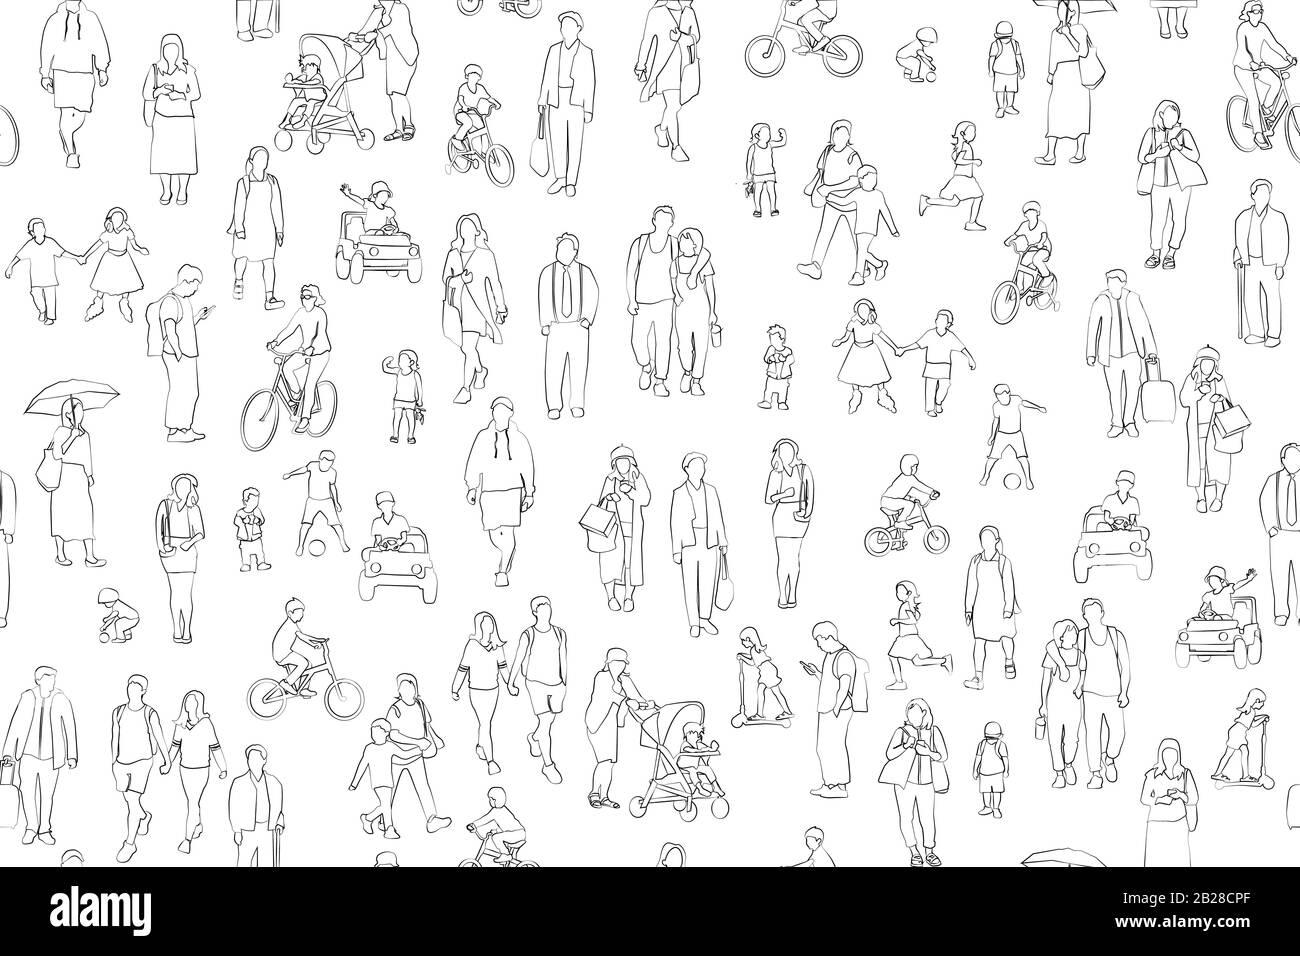 Multitud de personas ilustración vectorial . Grupo de hombres y mujeres adultos y niños personajes de dibujos animados sobre fondo blanco. Ilustración del Vector